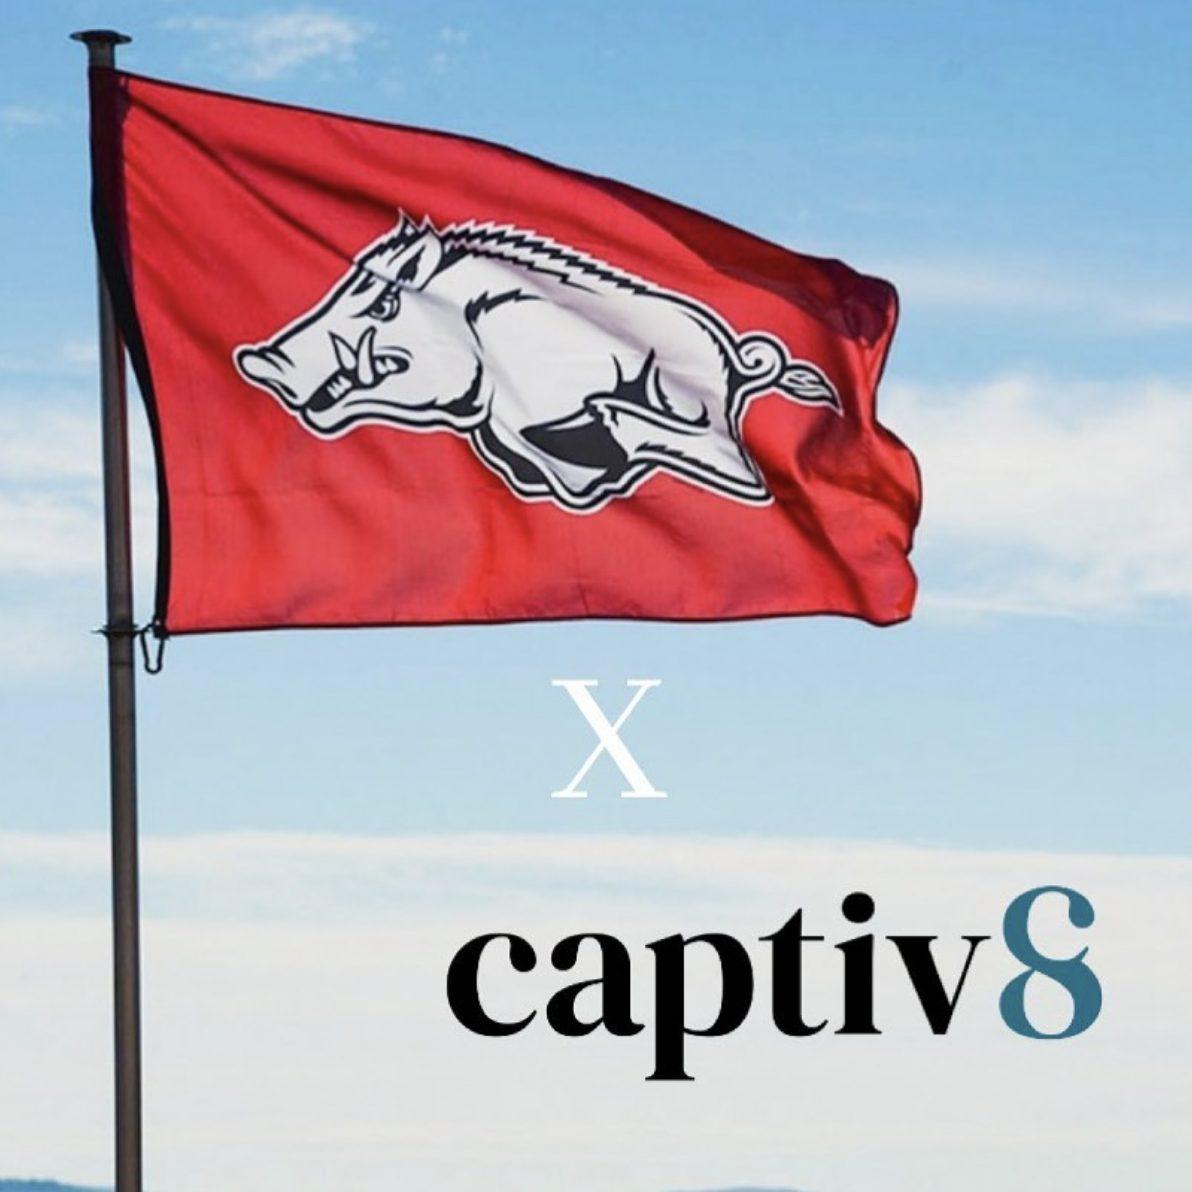 Captiv8 Collegiate